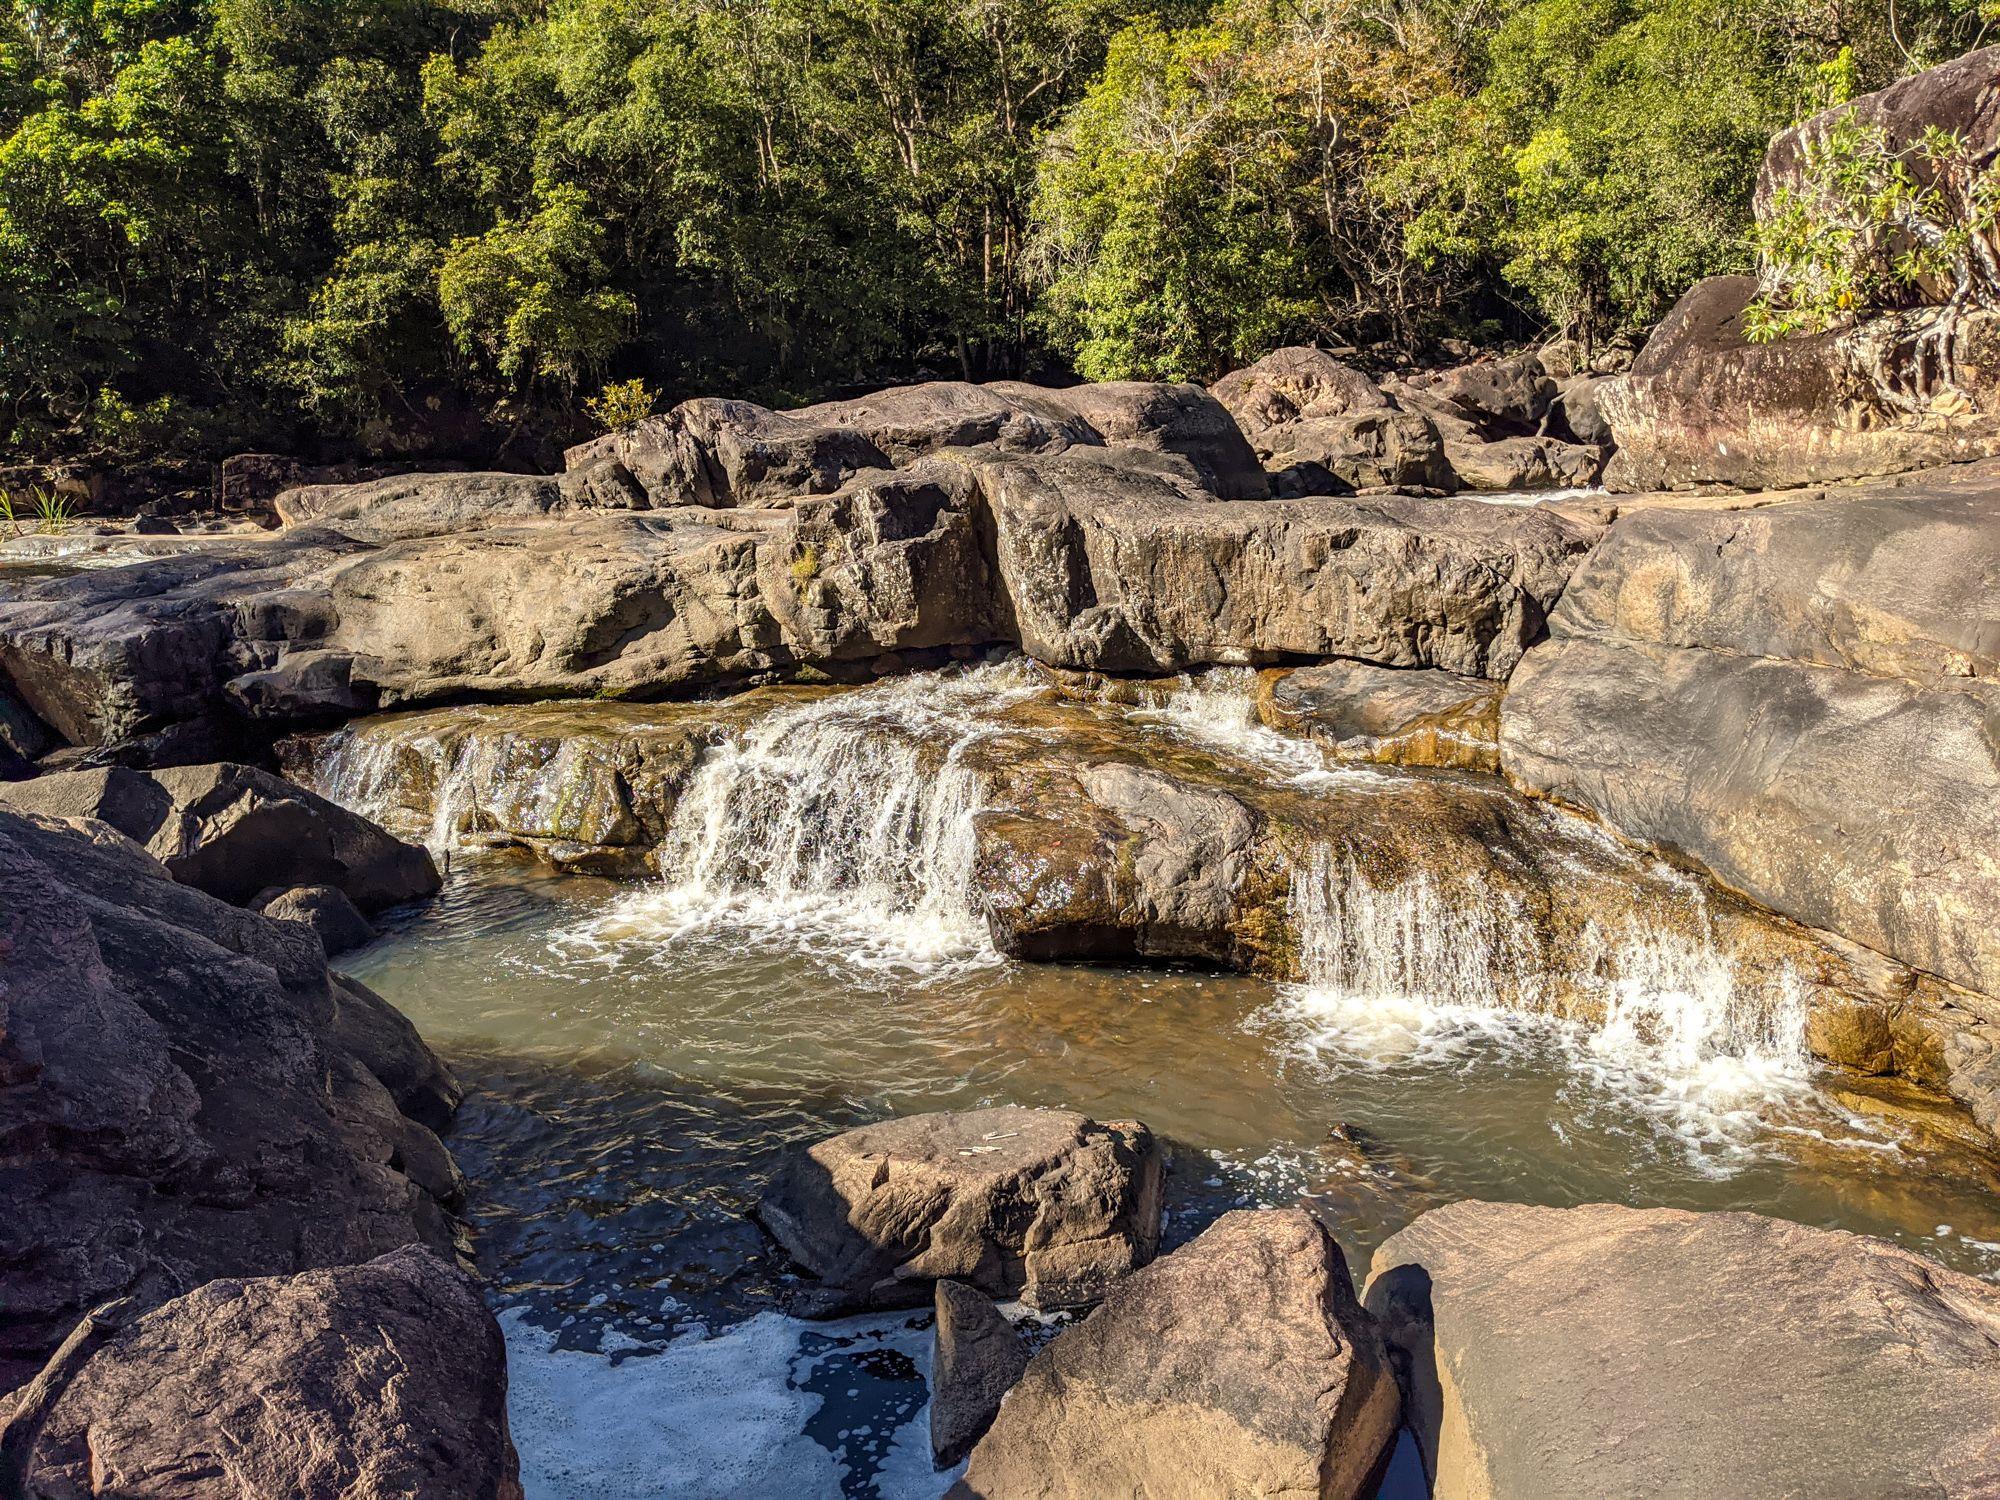 garrawalt creek interesting waterfall cascade